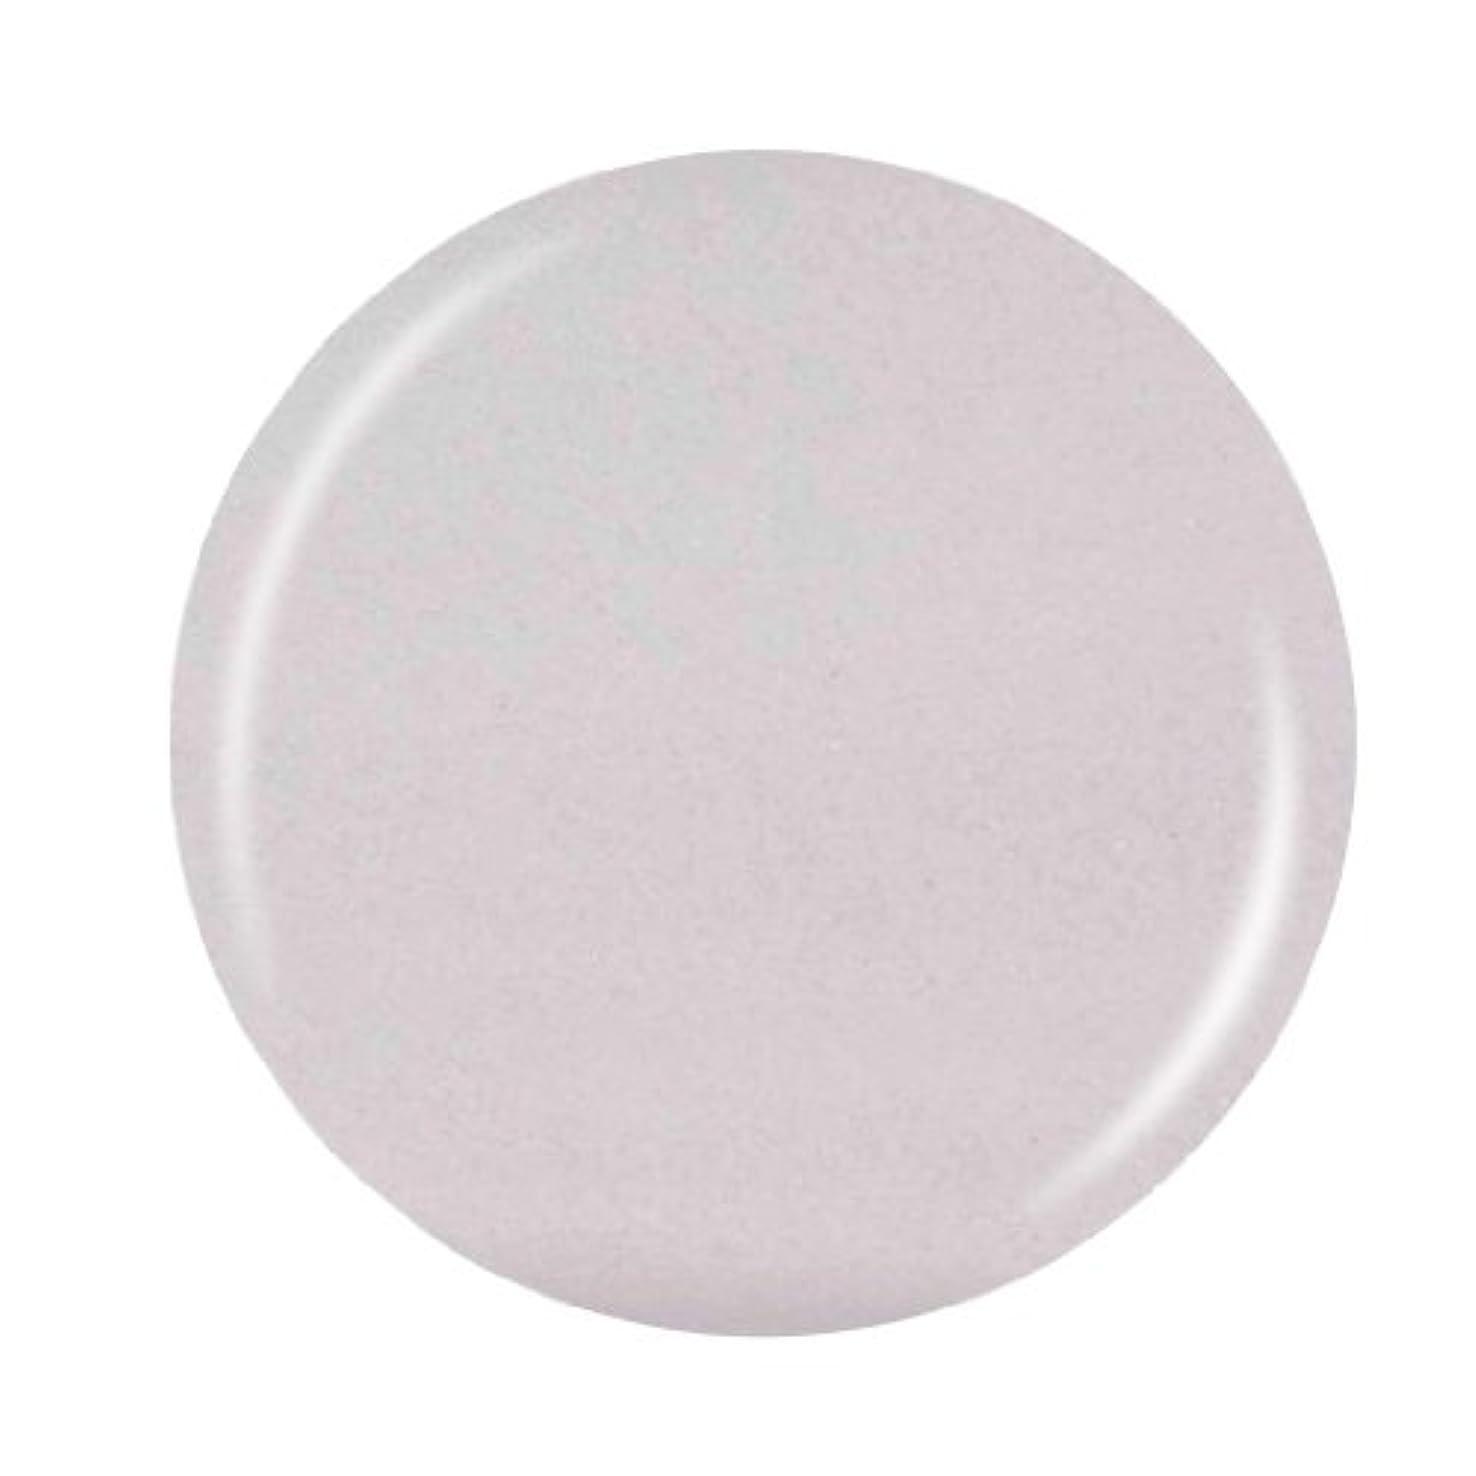 便益キロメートル曇ったEzFlow Acrylic Powder - Murano Glass Collection - Wispy - 0.5oz / 14g